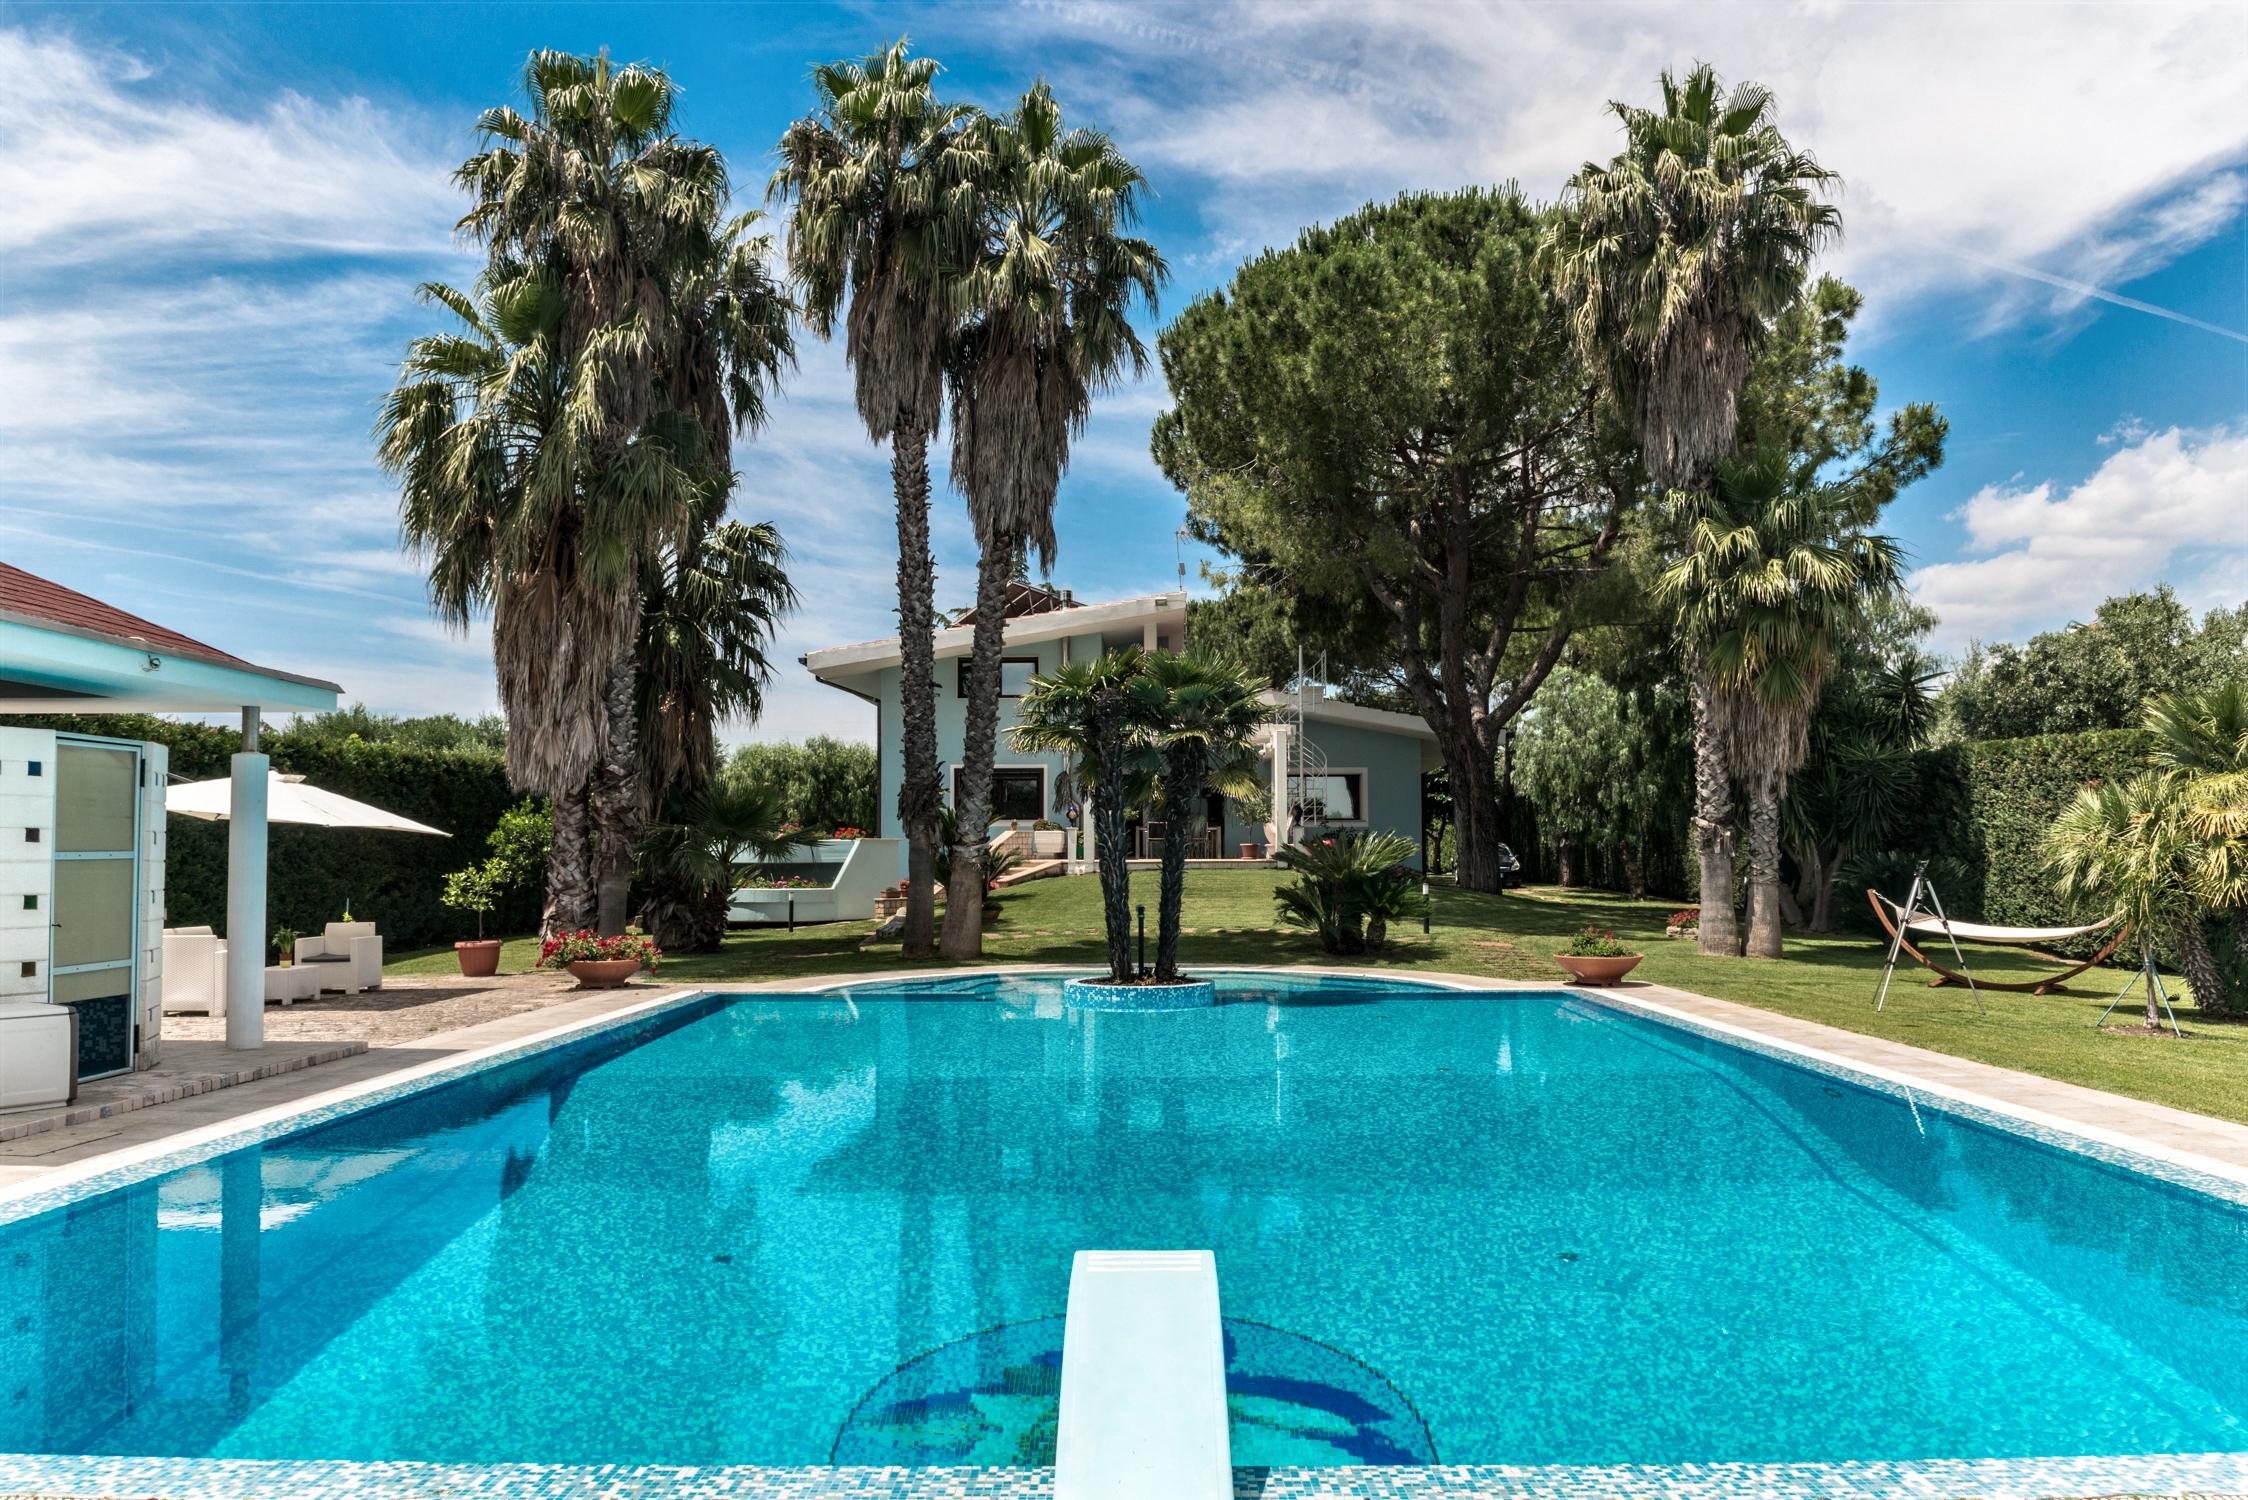 Impianti Fotovoltaici In Vendita Puglia meravigliosa villa di charme con piscina in vendita a